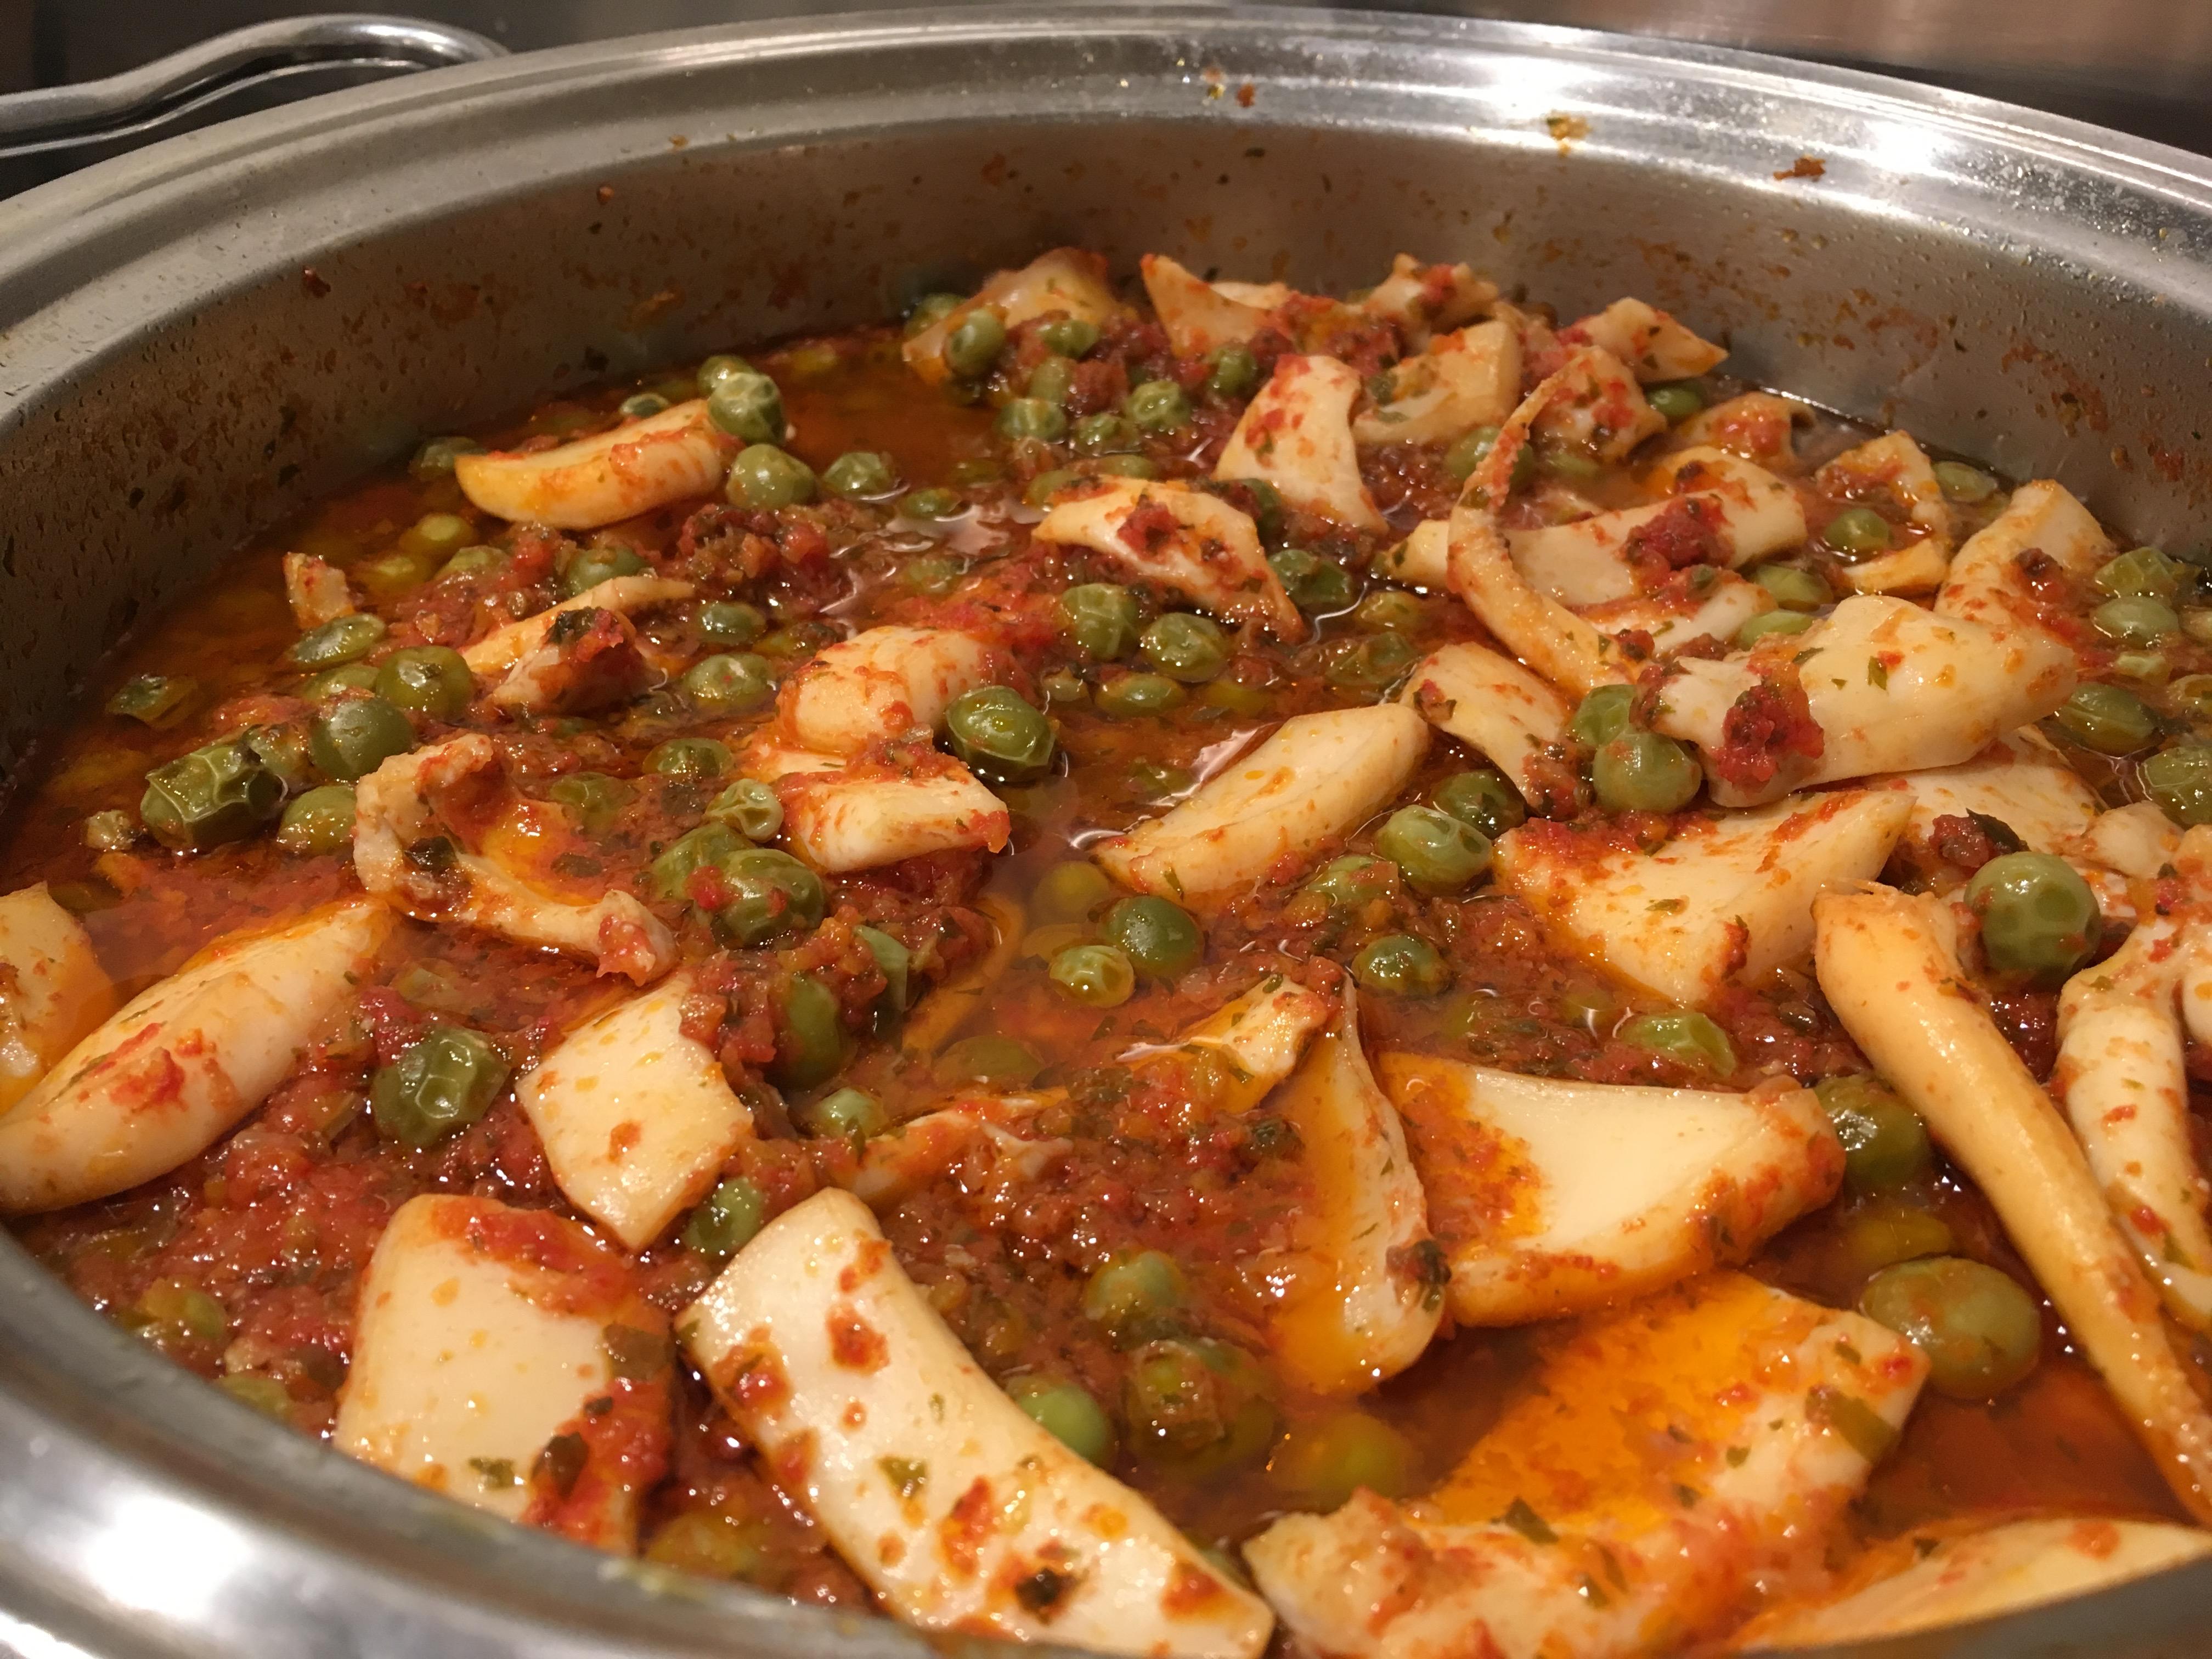 Pesce in tavola prelibatezza romagnola seppie e piselli for Cucinare piselli